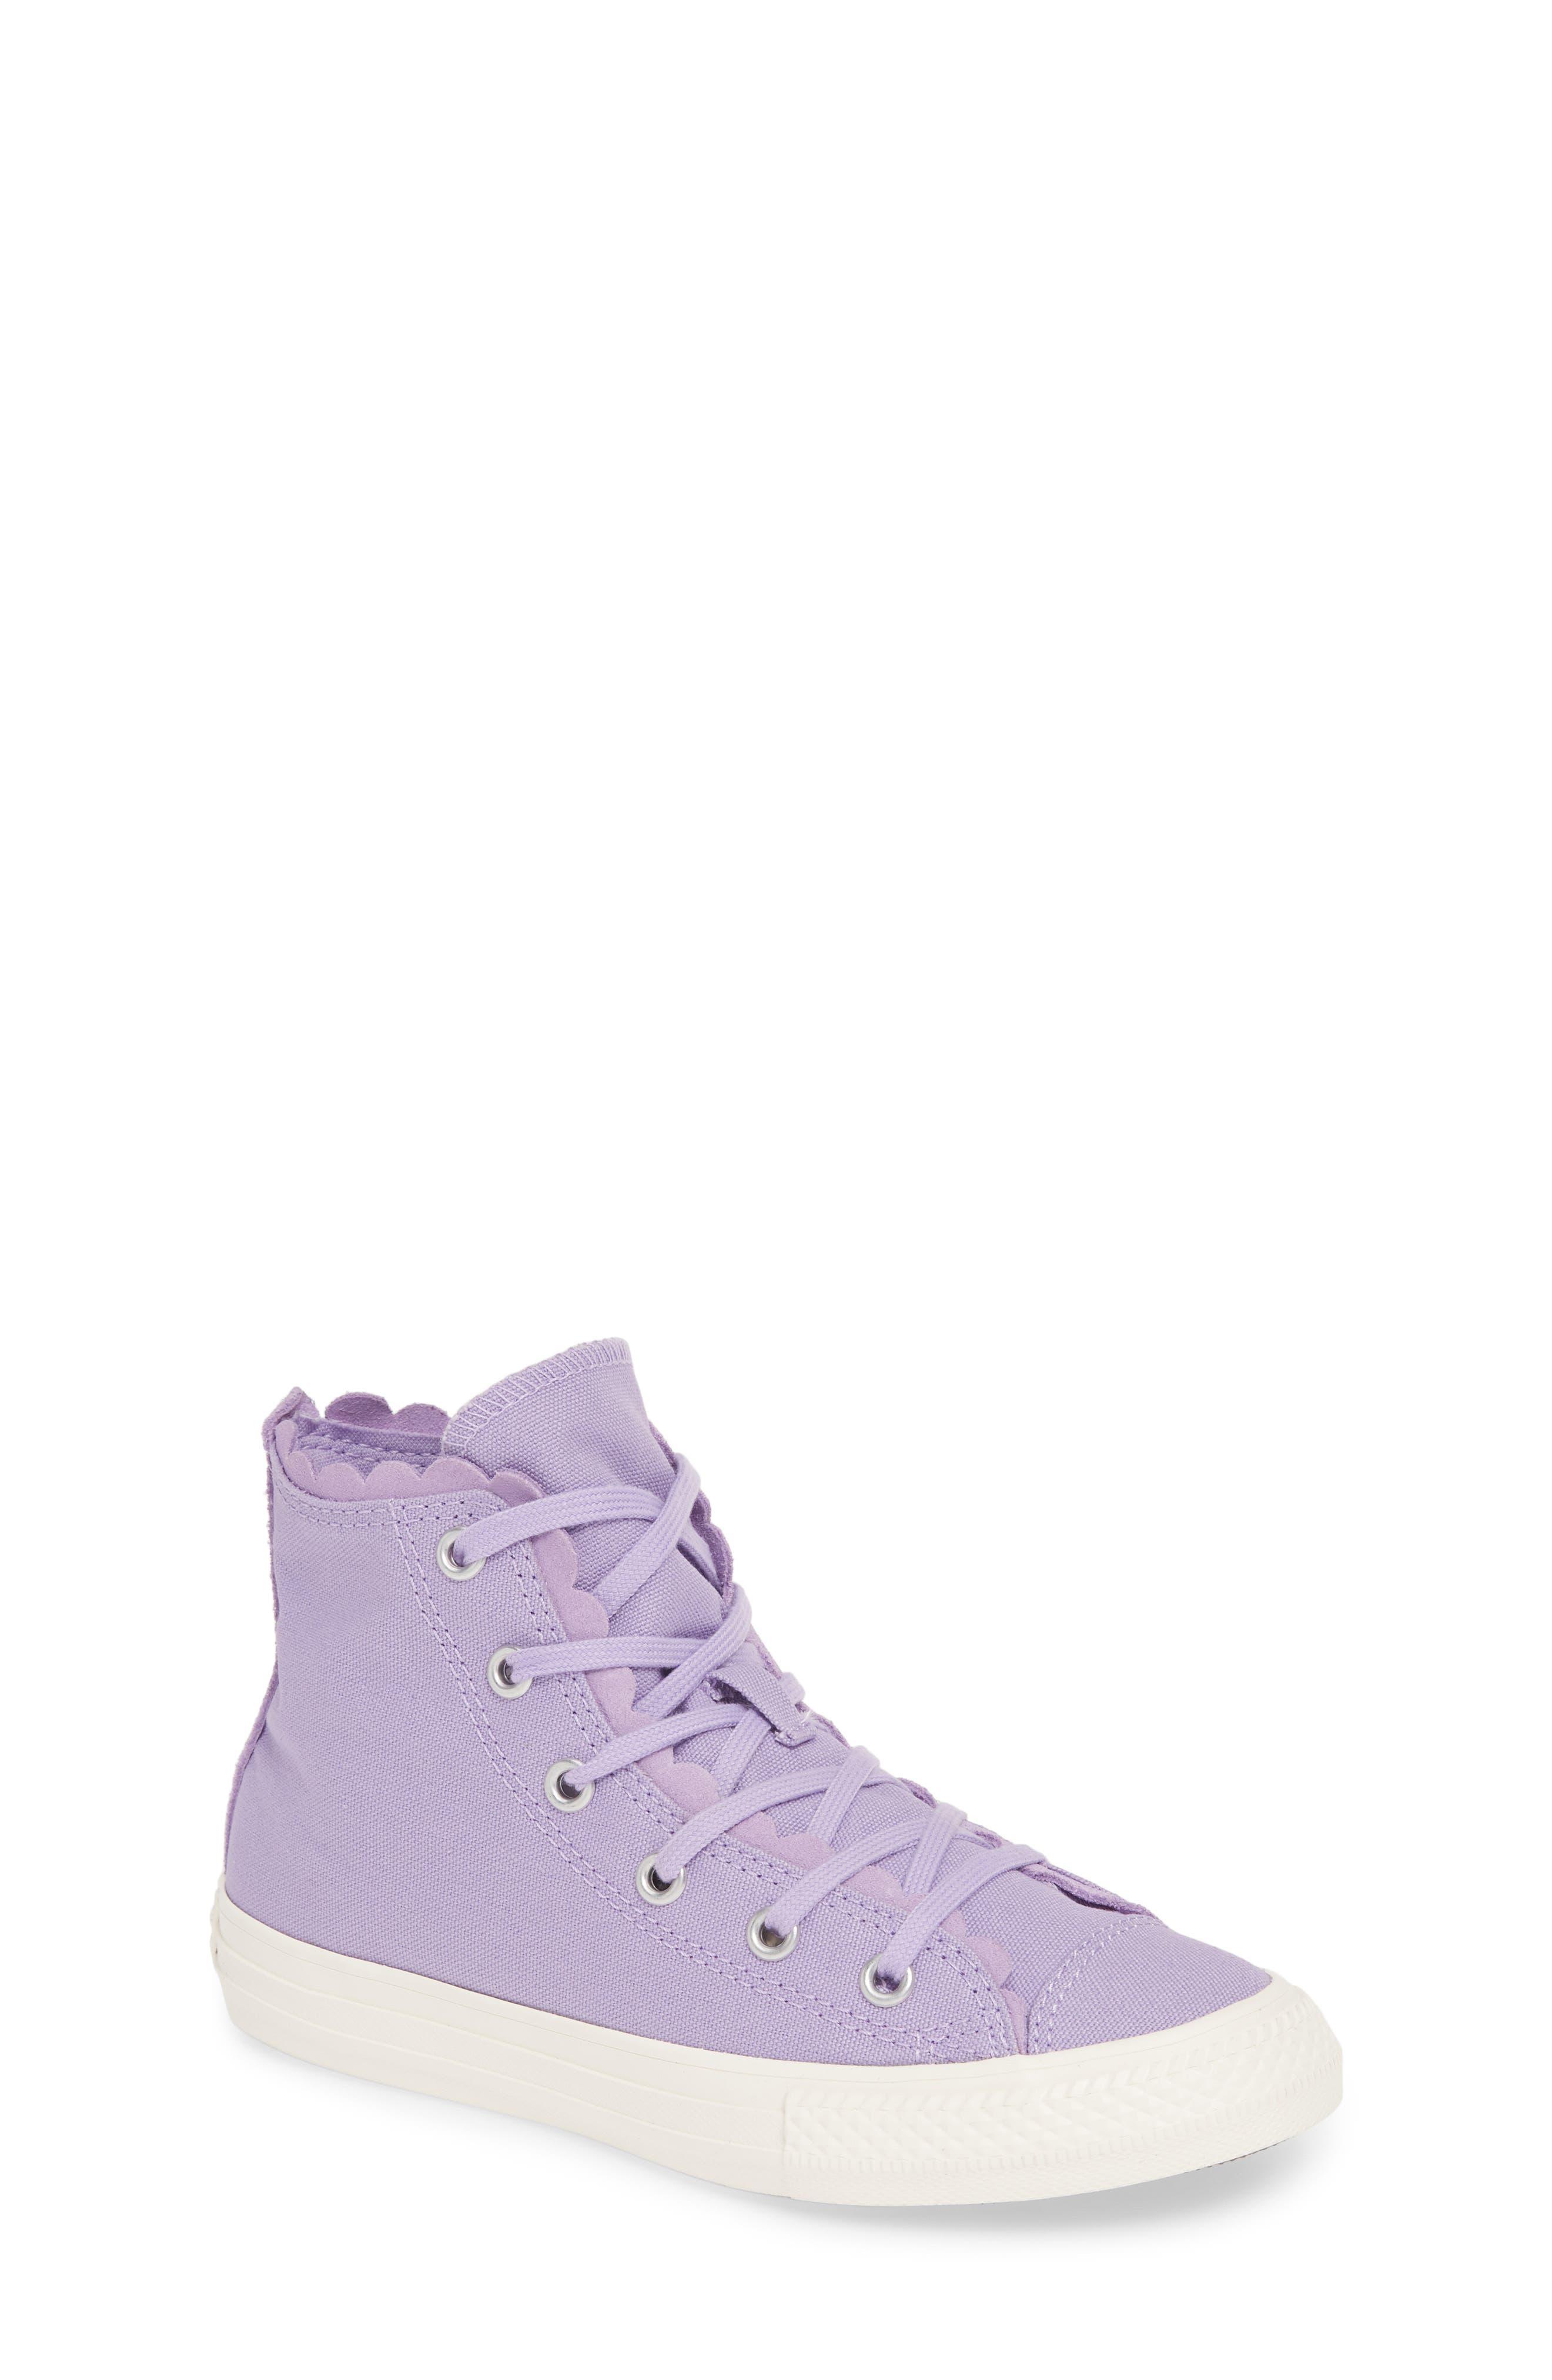 2b074d2b8607 Converse Chuck Taylor All Star Frill High Top Sneaker